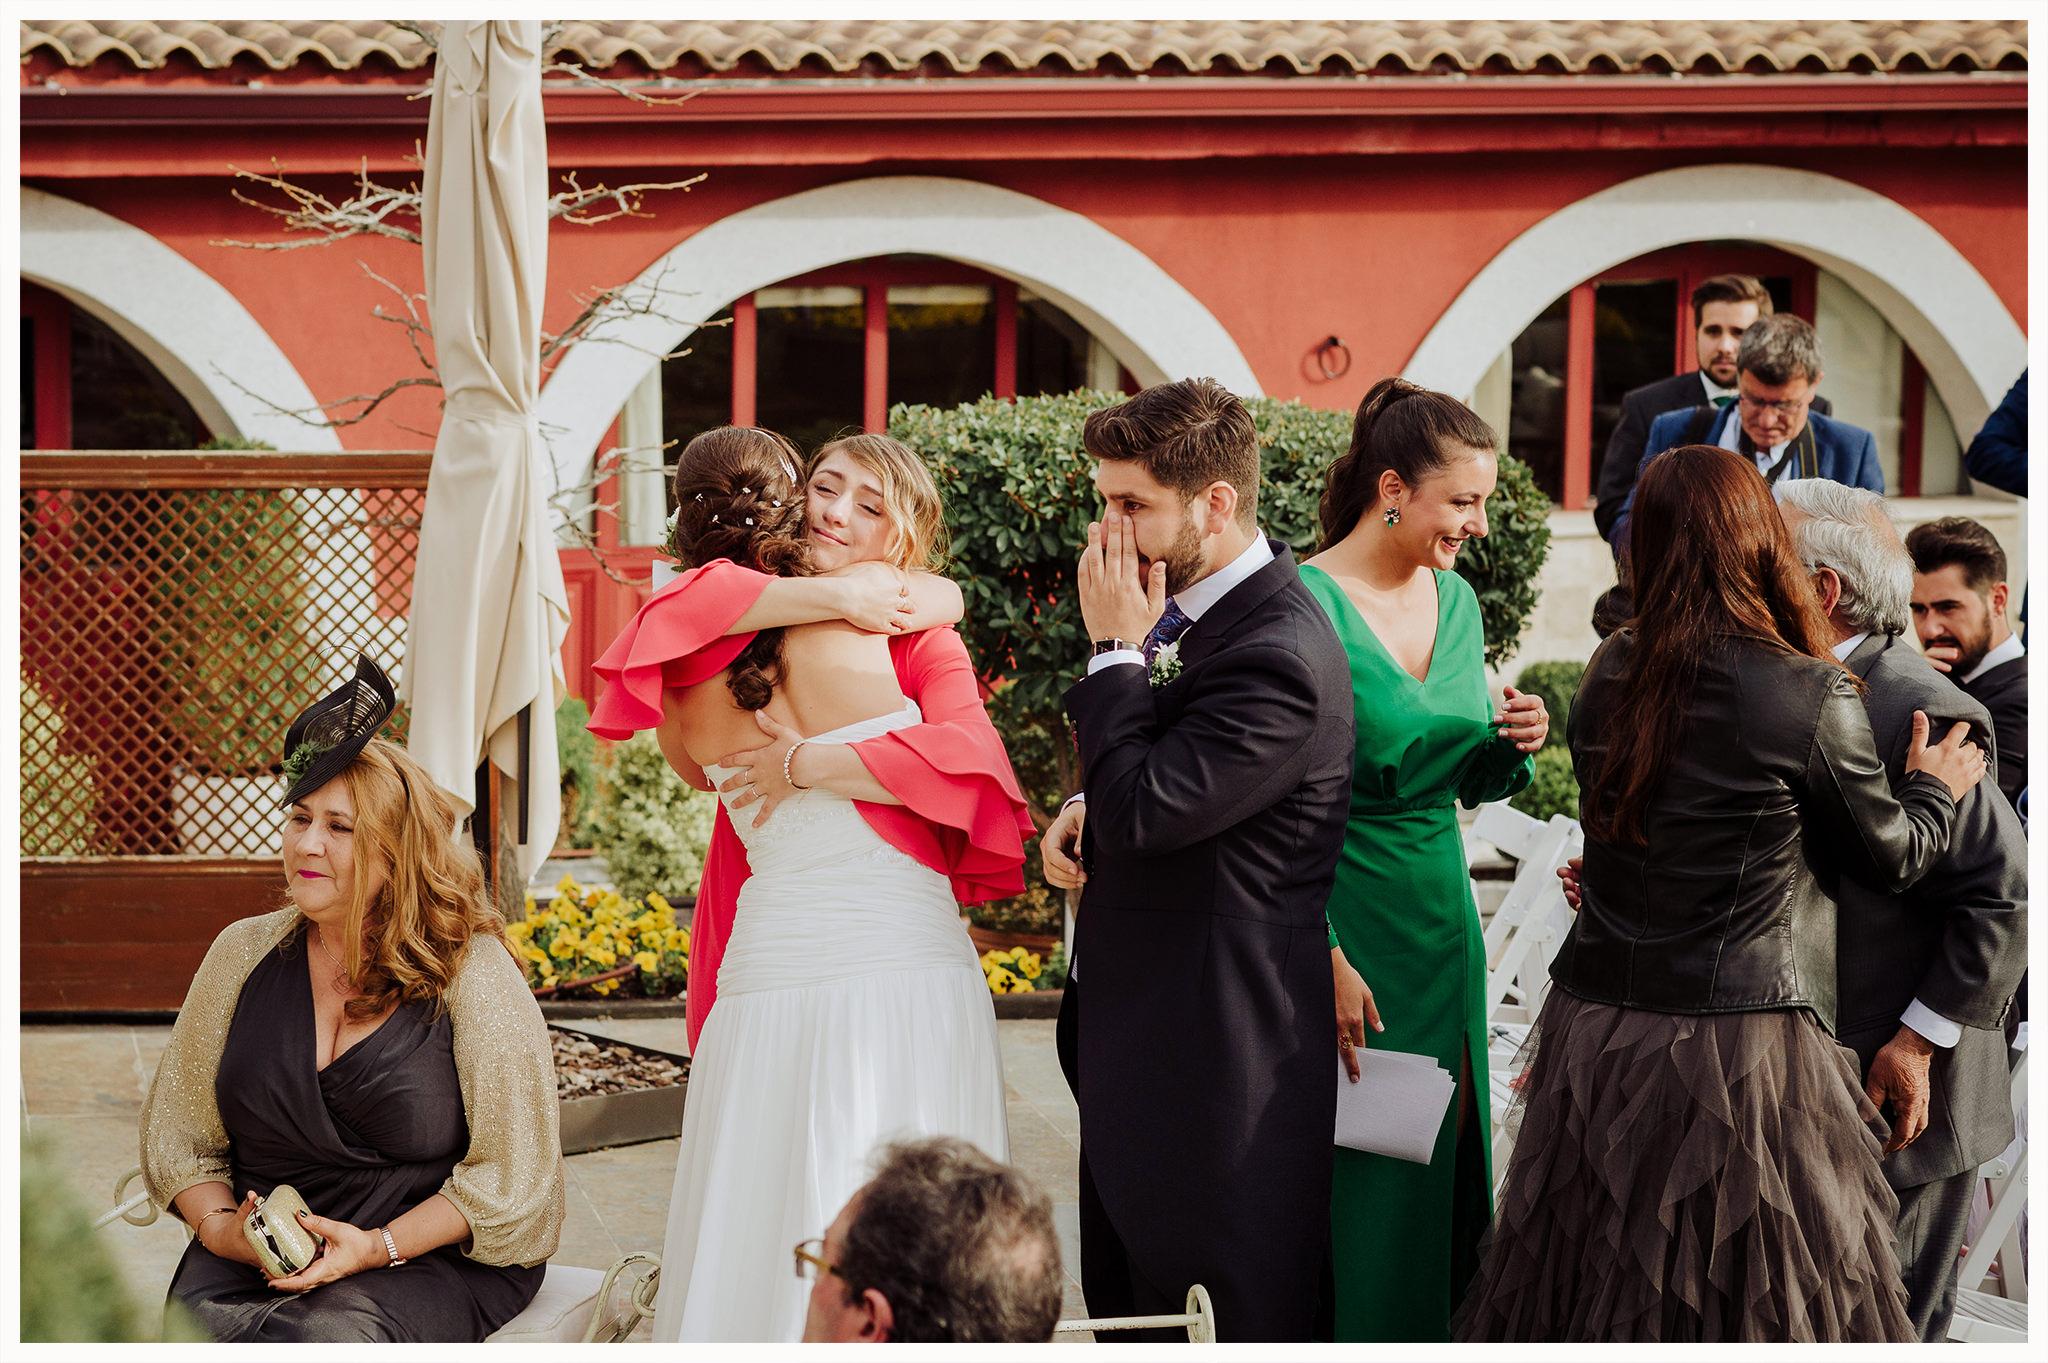 dreamsanddreamers.com-nunta-in-natura-28.jpg